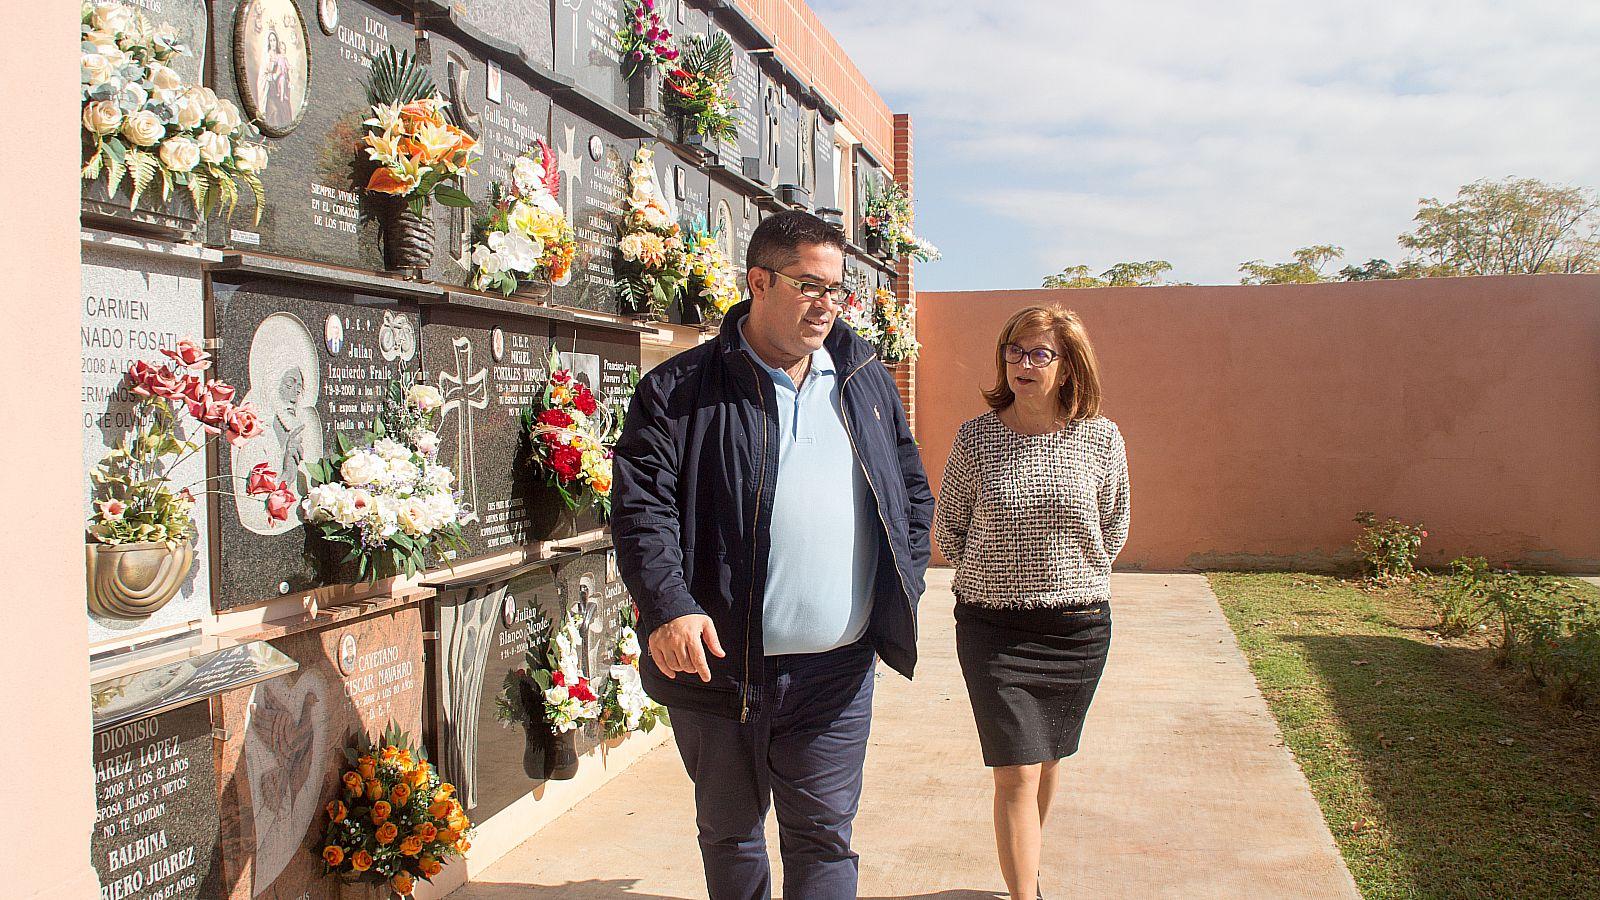 Ajuntament d 39 alaqu s prensa la alcaldesa de alaqu s - Trabajo en alaquas ...